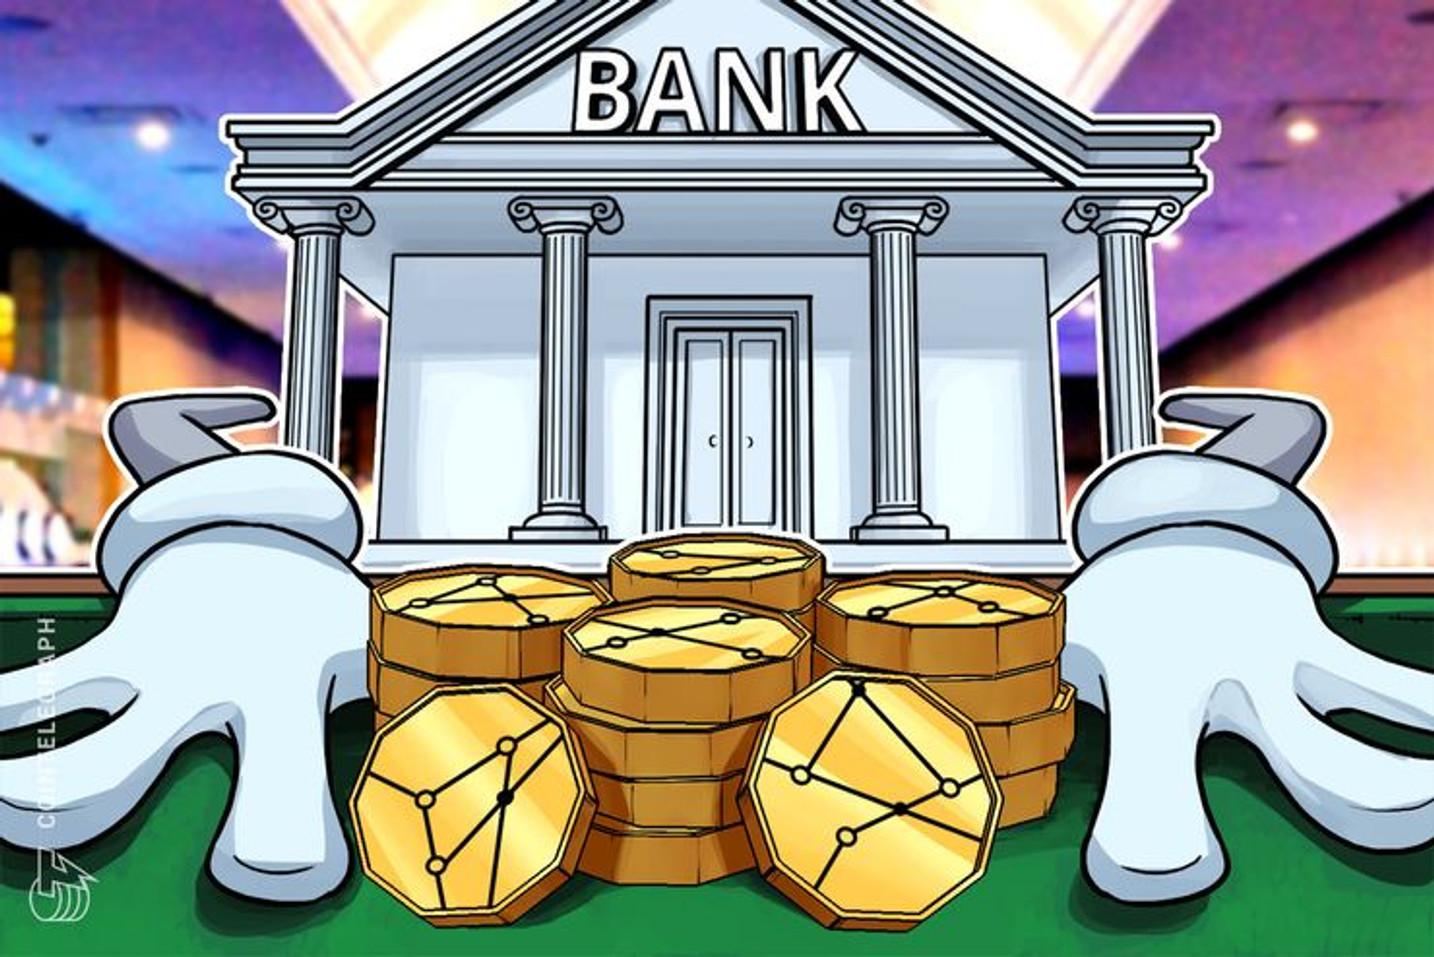 Cinco bancos españoles participan en pruebas de dinero digital